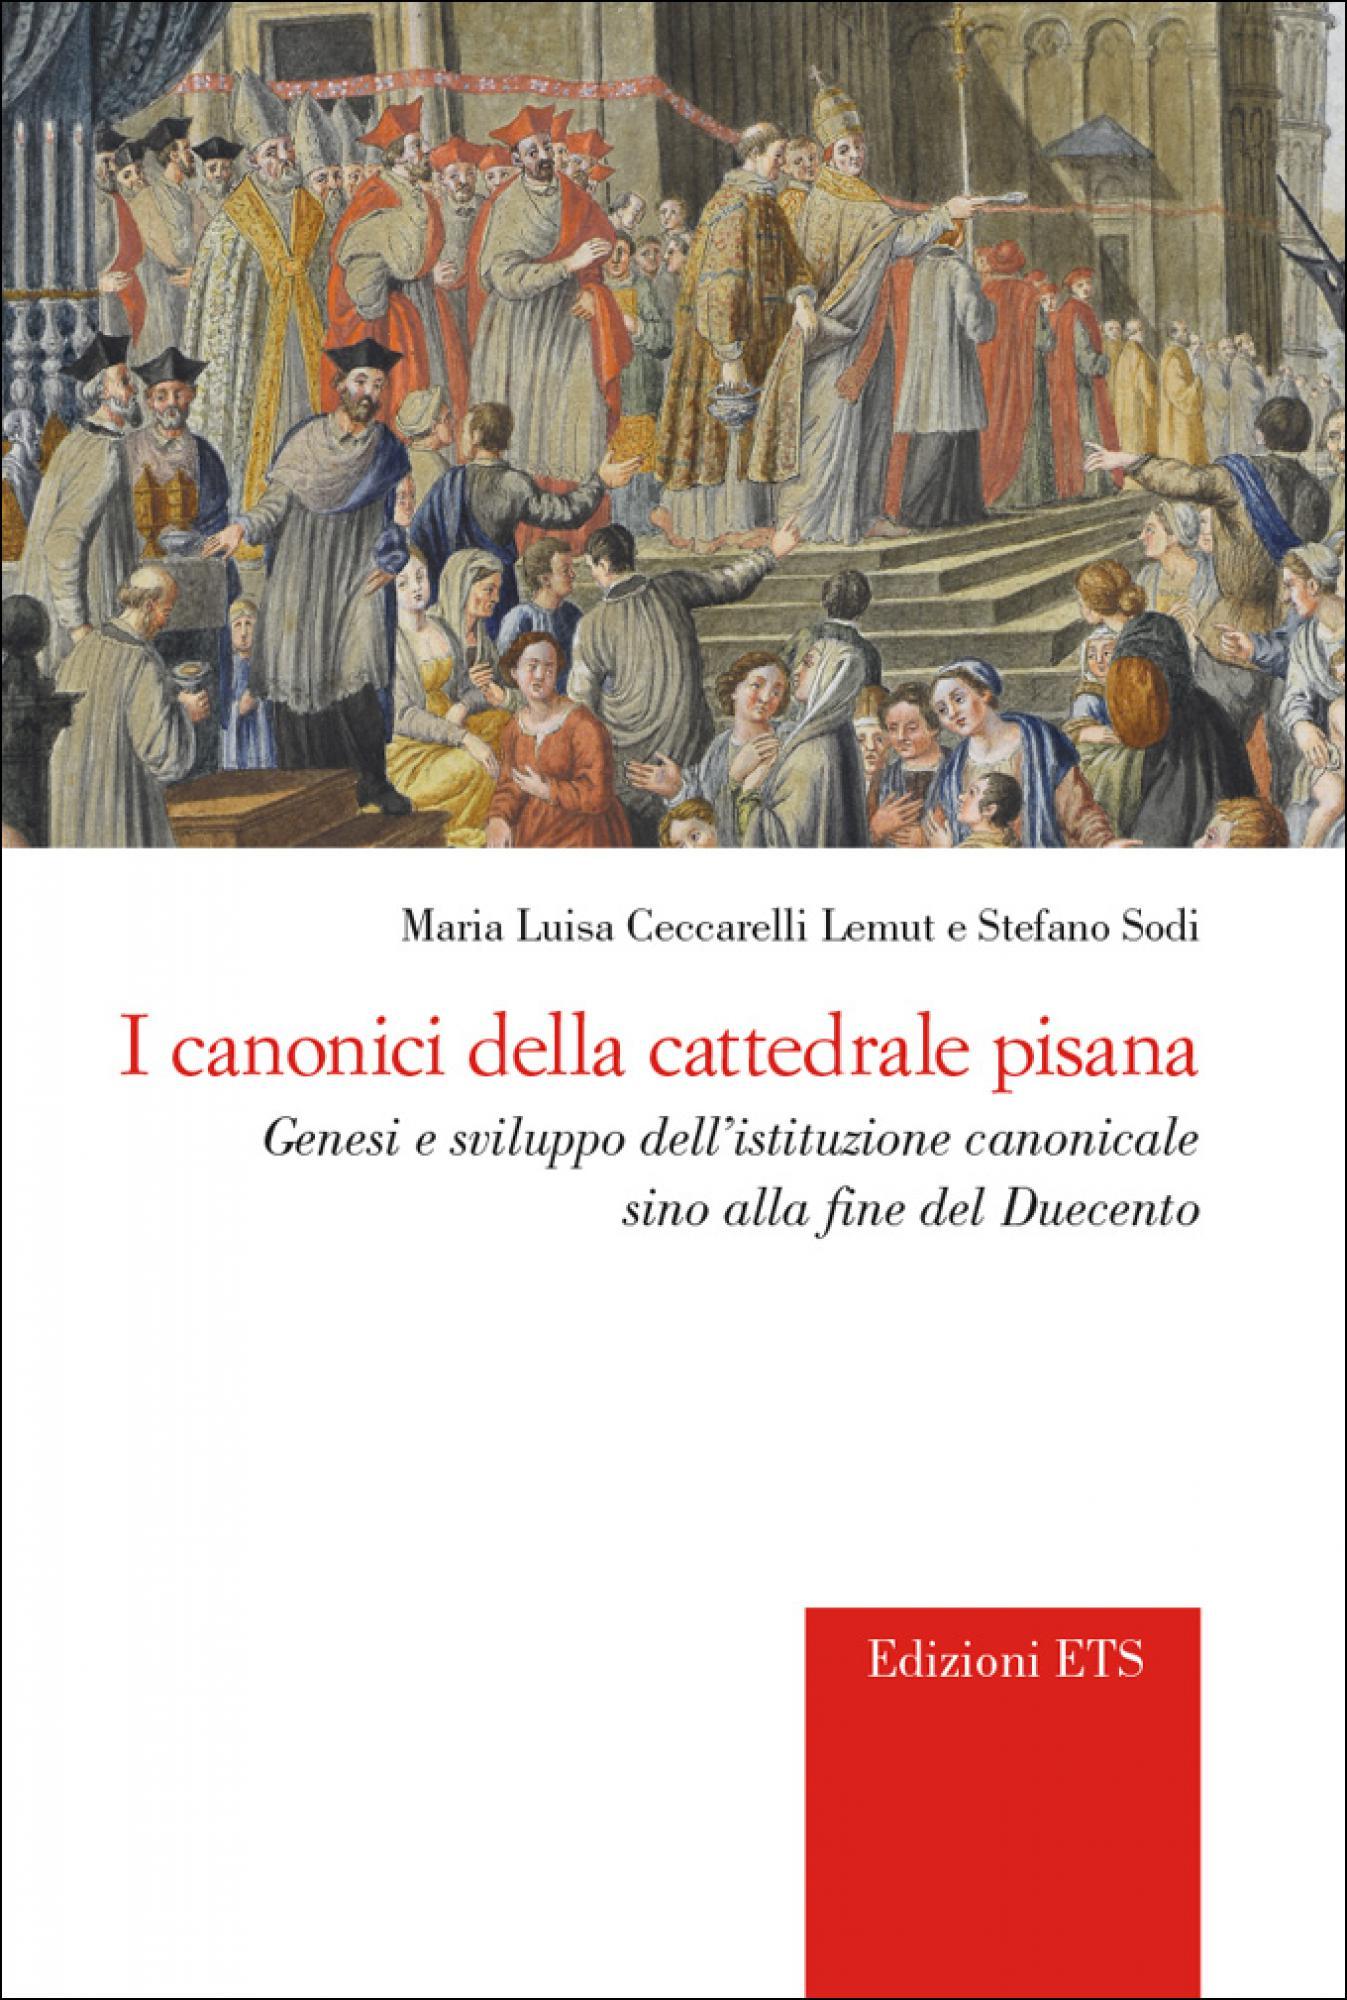 I canonici della cattedrale pisana.Genesi e sviluppo dell'istituzione canonicale sino alla fine del Duecento